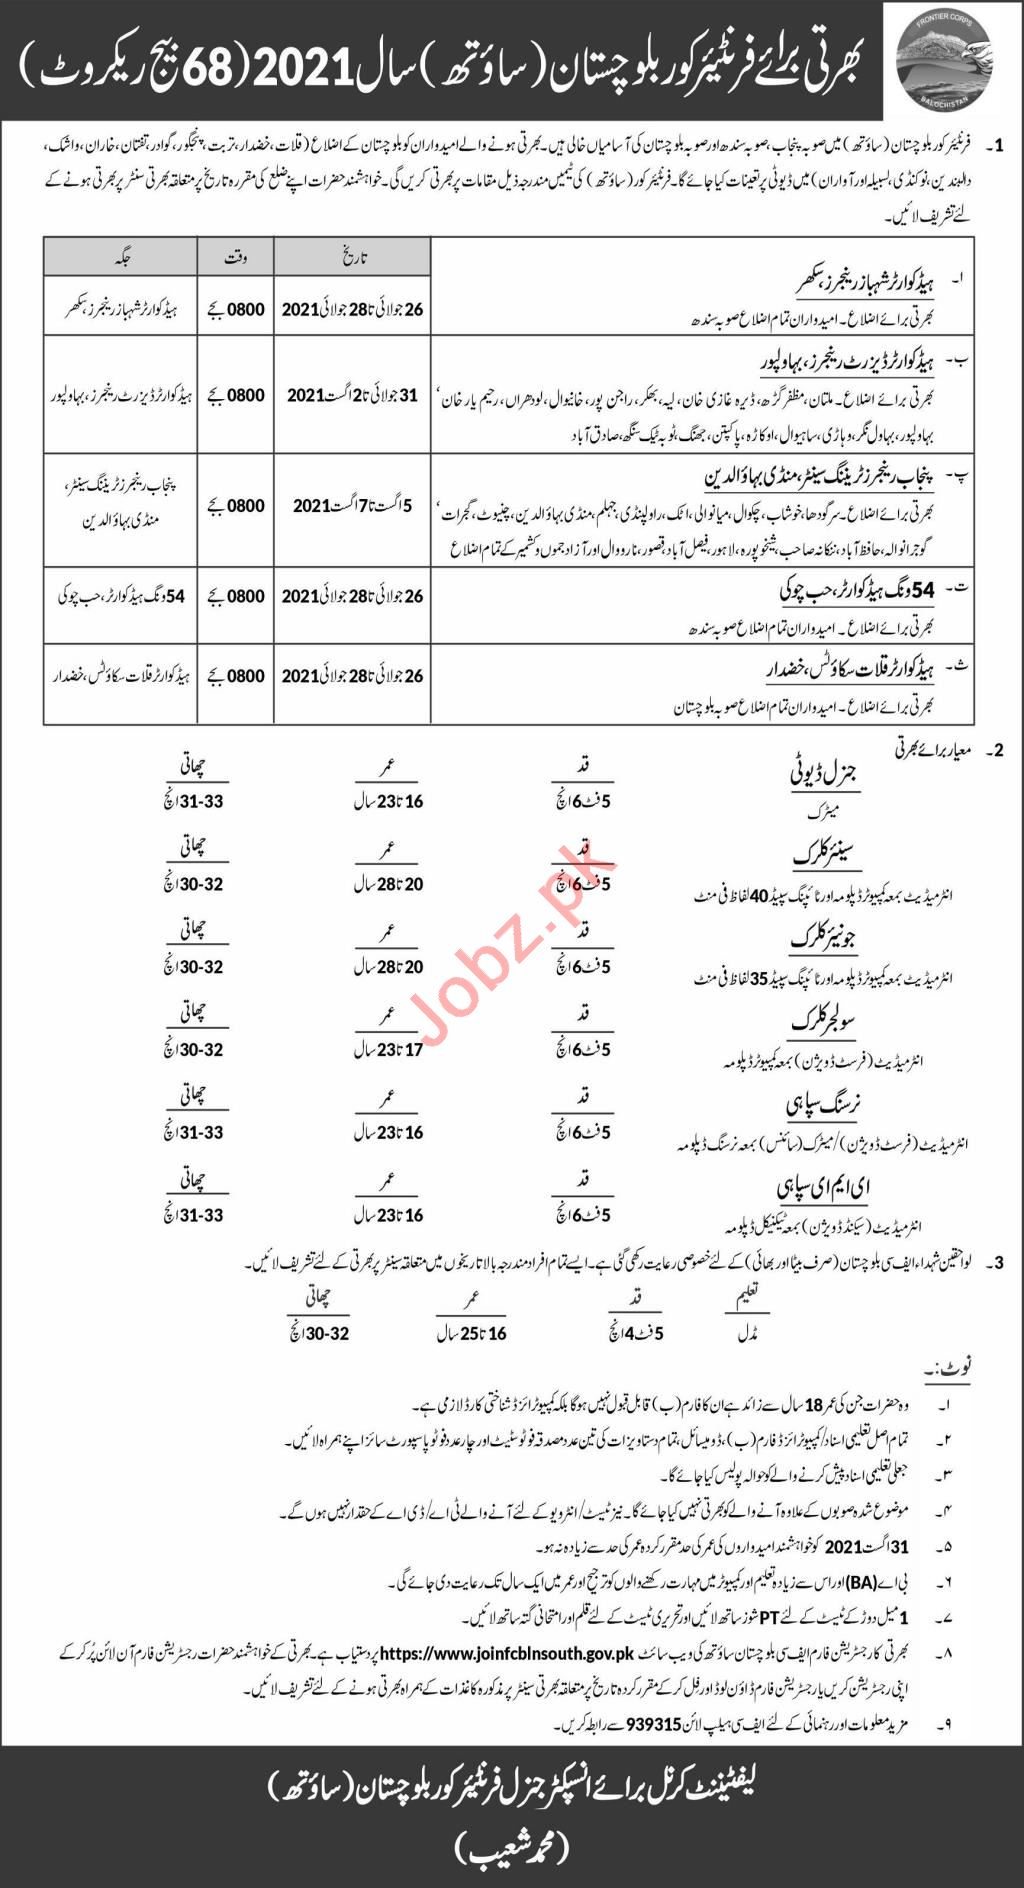 Frontier Corps Balochistan South 68 Batch Recruit Jobs 2021